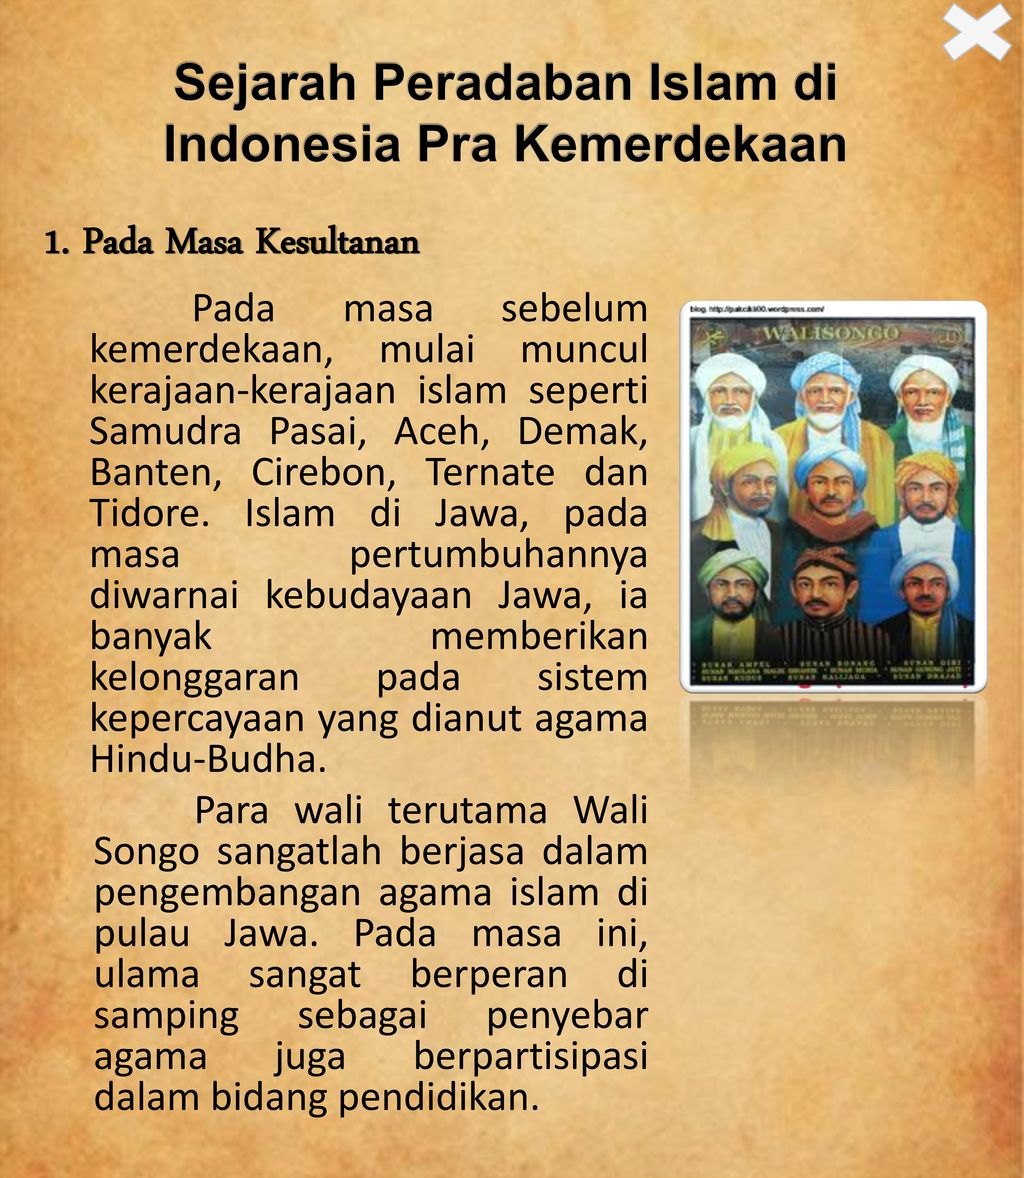 Sejarah Peradaban Islam Pada Masa Pra Dan Pasca Kemerdekaan Di Indonesia Kelompok 12 Ulfa Muwahidah Vony Juliantika Ppt Download